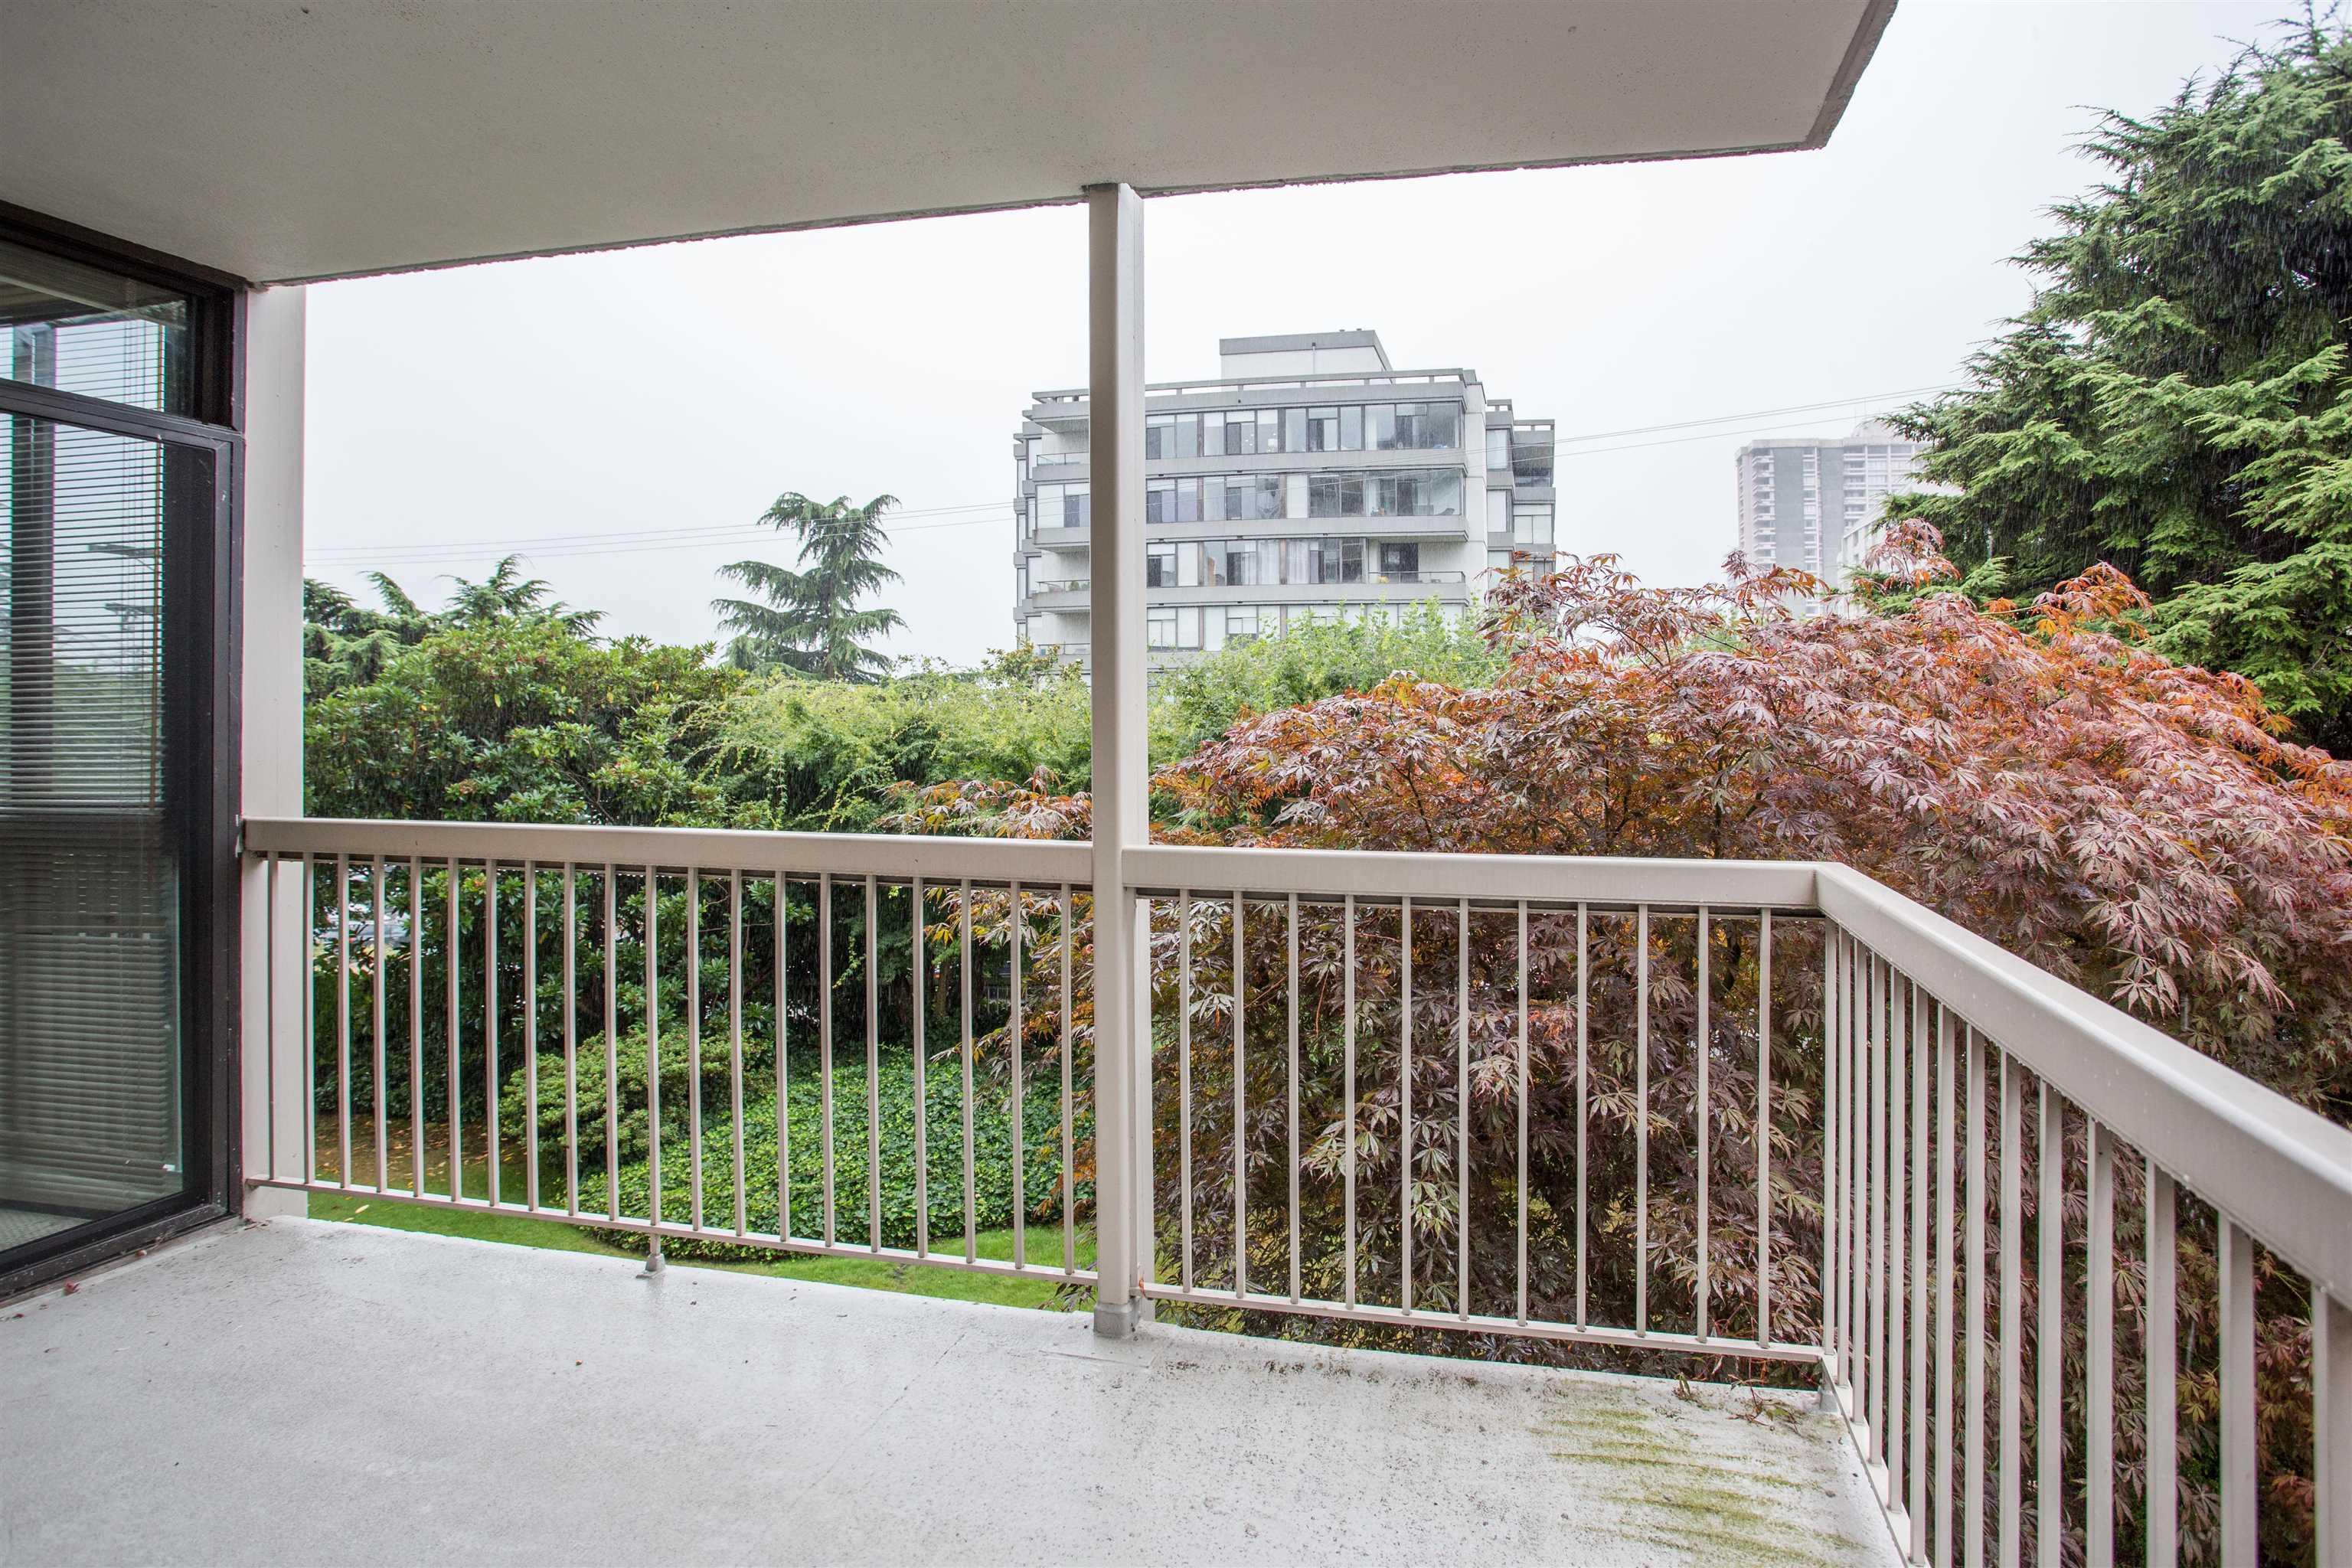 203 1390 DUCHESS AVENUE - Ambleside Apartment/Condo for sale, 1 Bedroom (R2611618) - #29